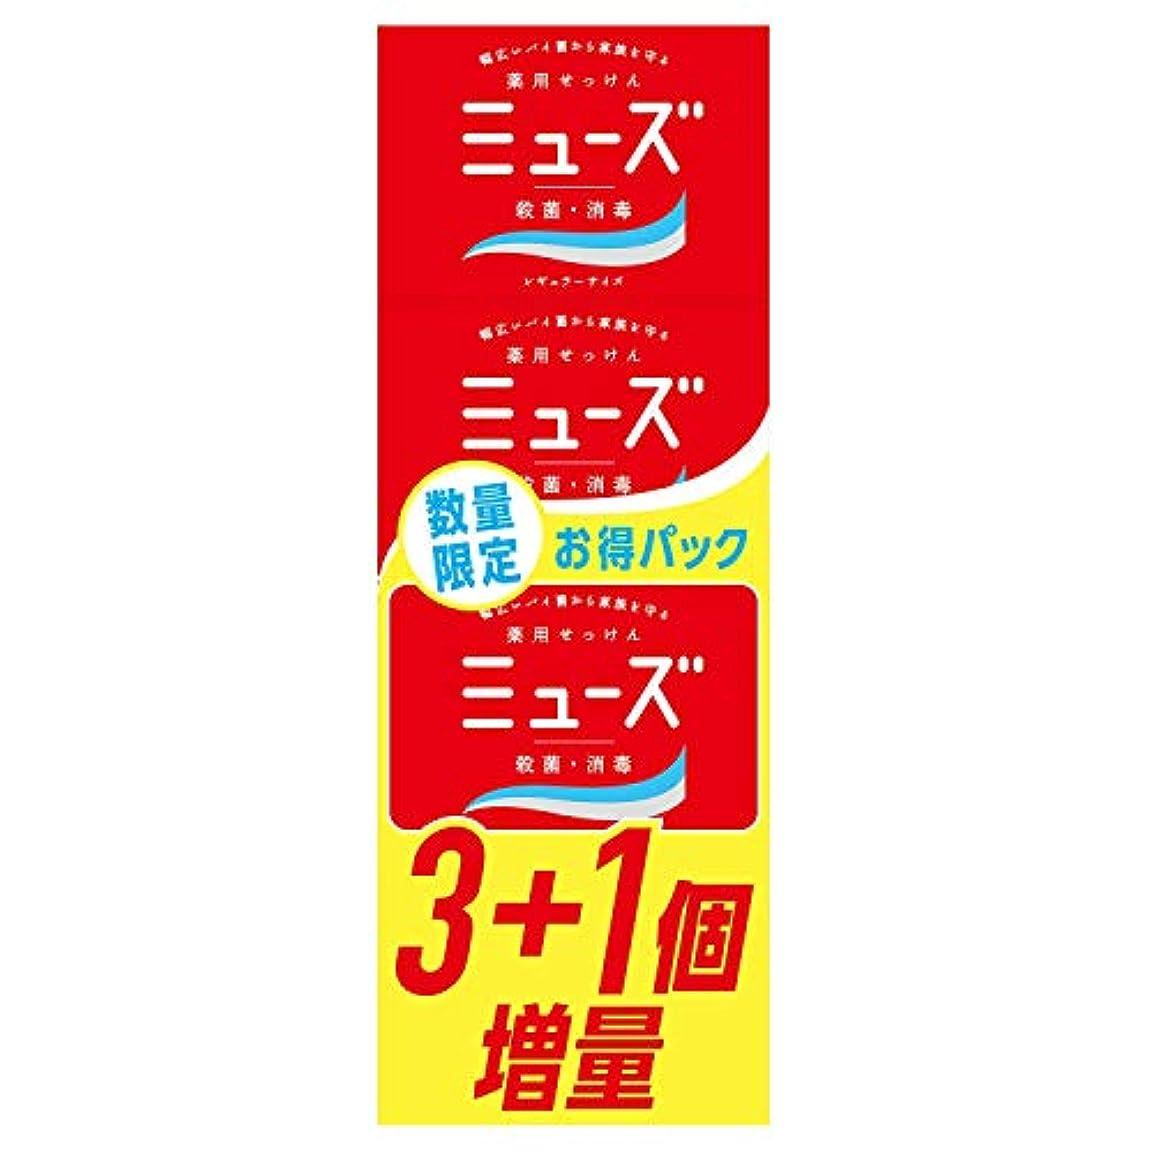 竜巻不承認堤防【医薬部外品】ミューズ石鹸レギュラー 3+1限定品